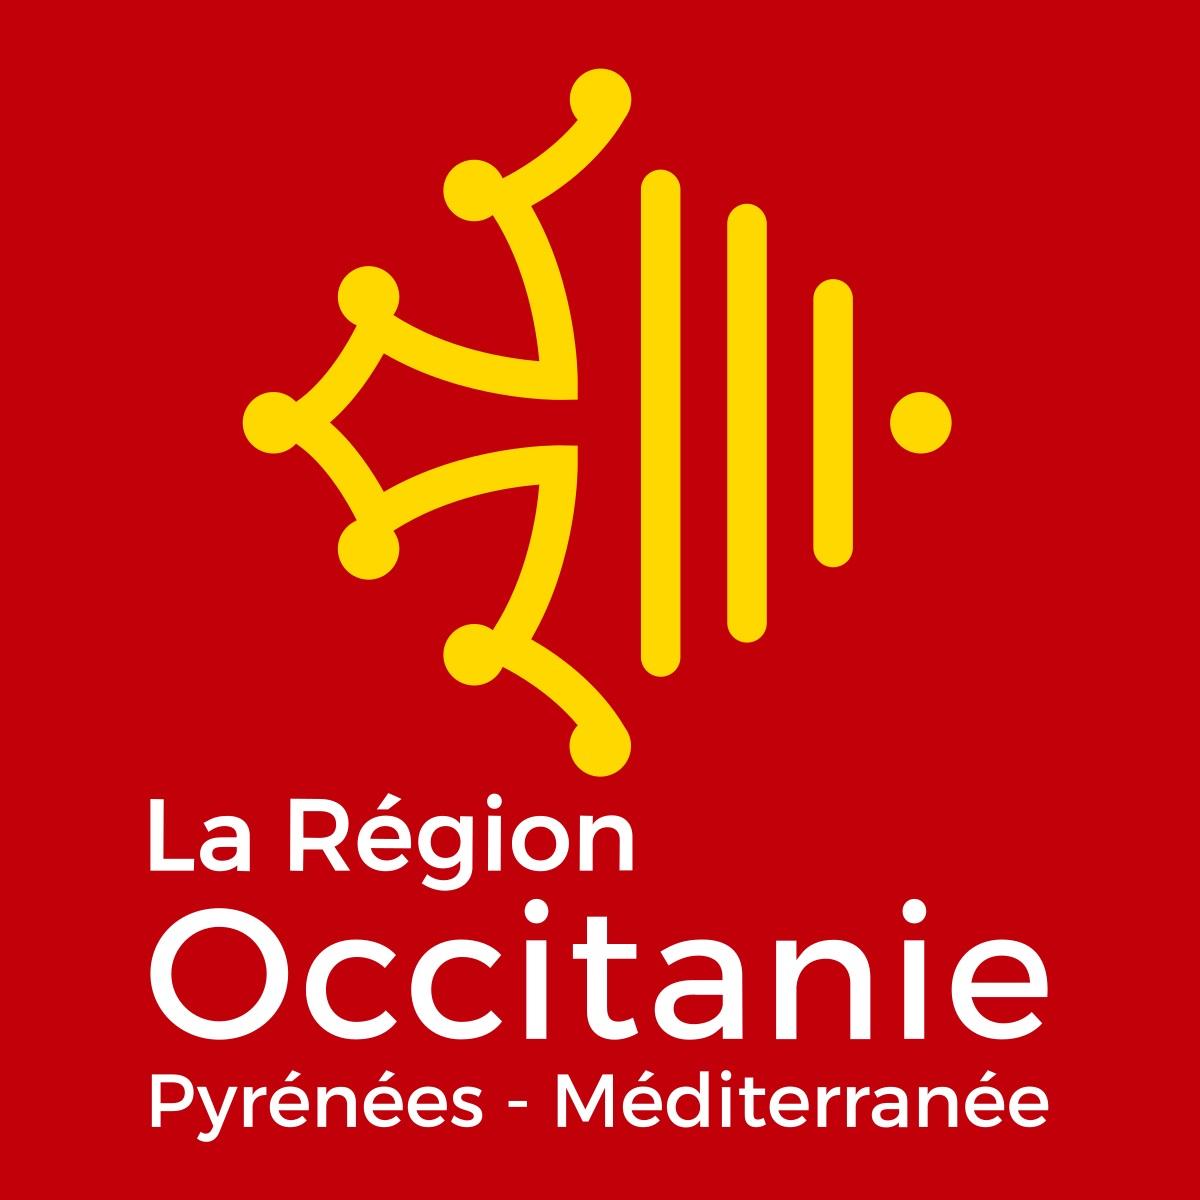 REGION OCCITANIE PYRENEES MEDITERRANEE